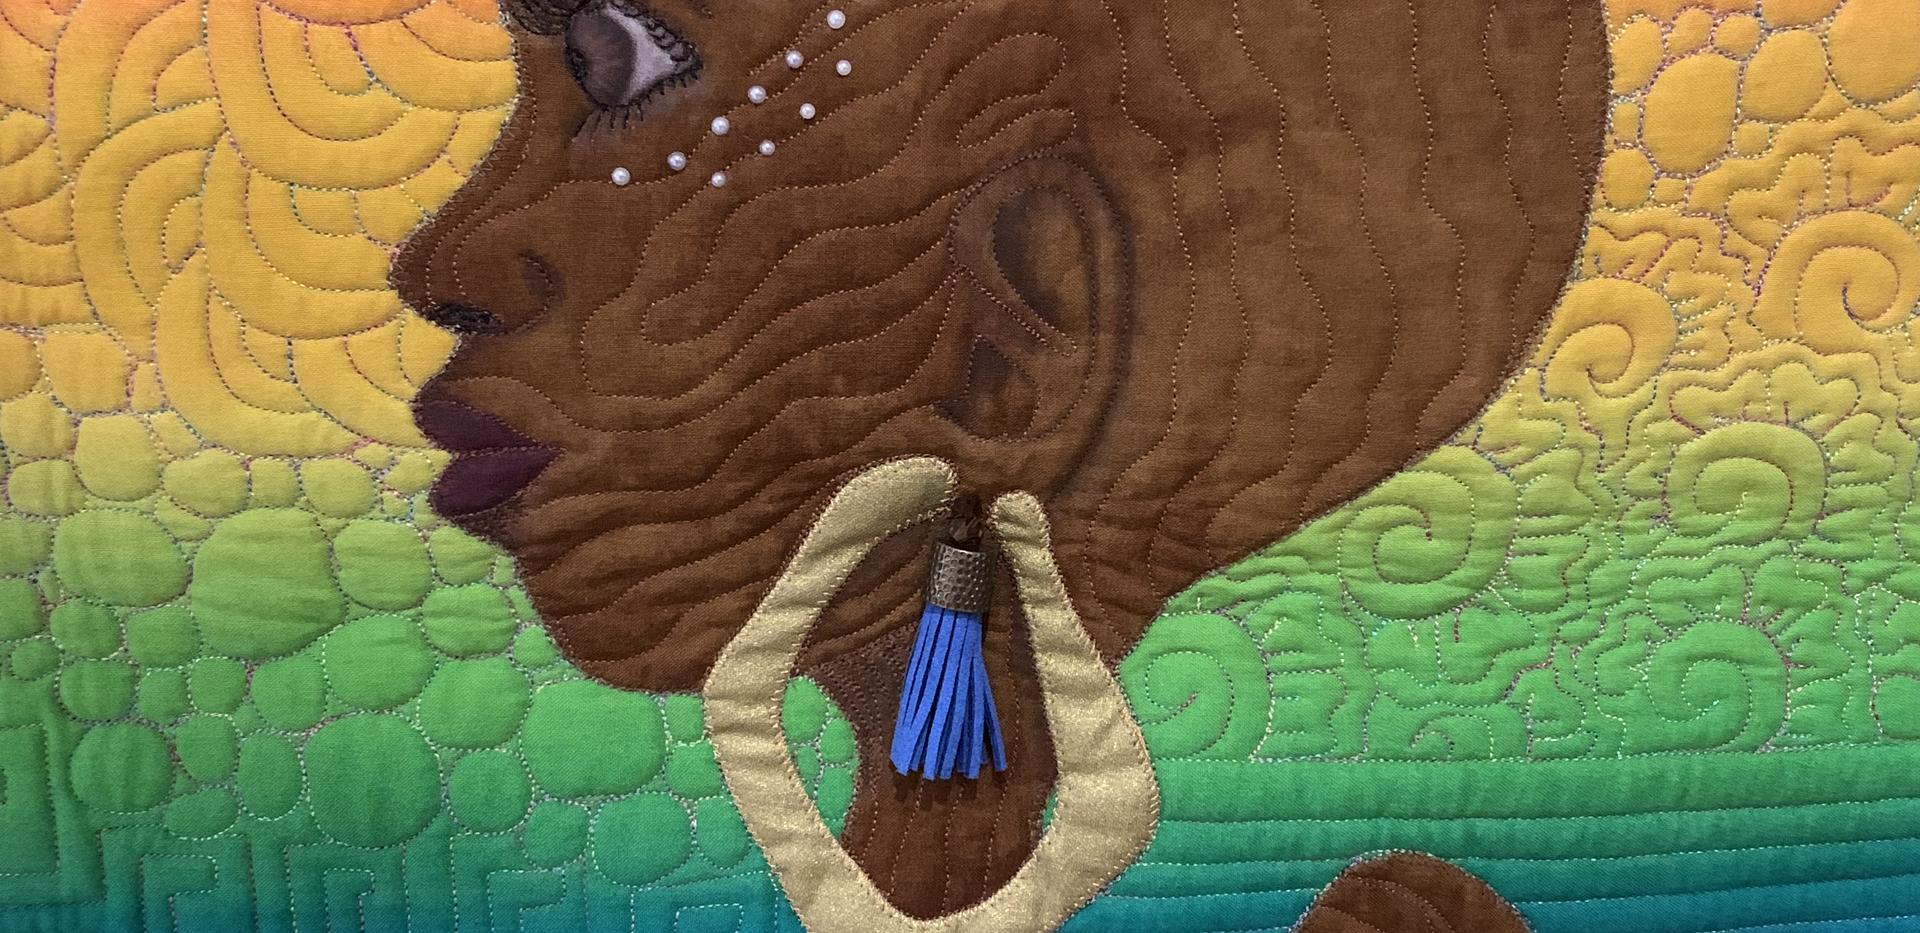 Inner Strength (detail)